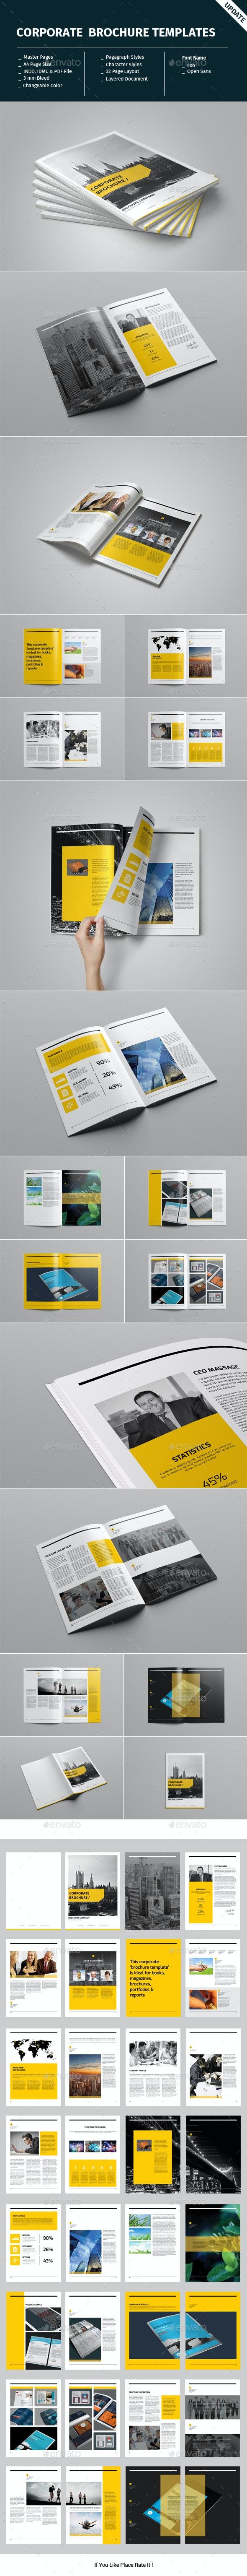 Corporate Brochure Template - Informational Brochures